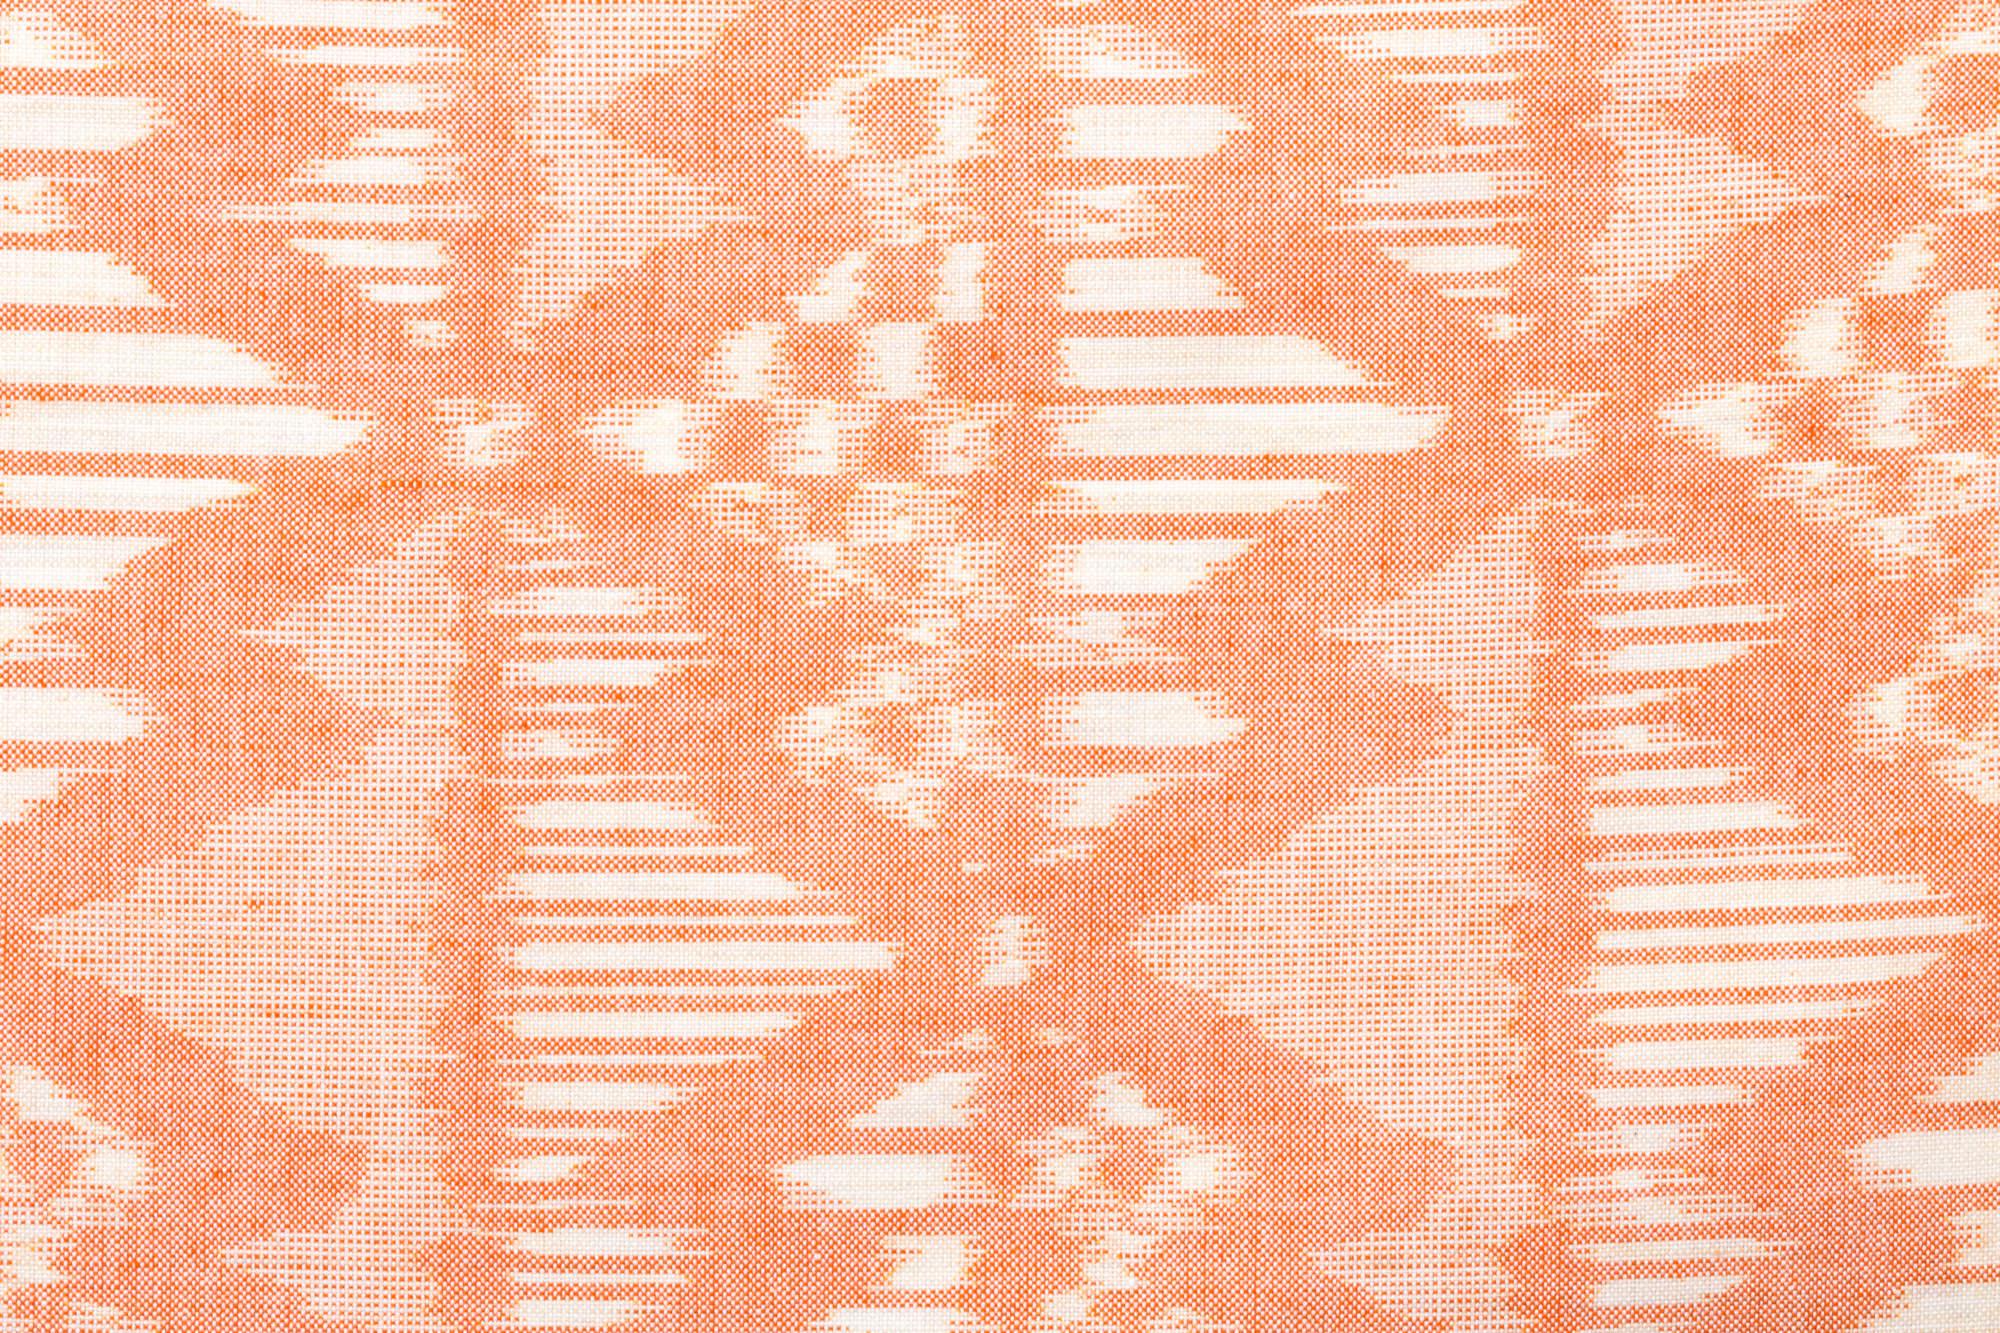 久留米絣のためのハンカチ 緯絣 のこぎり